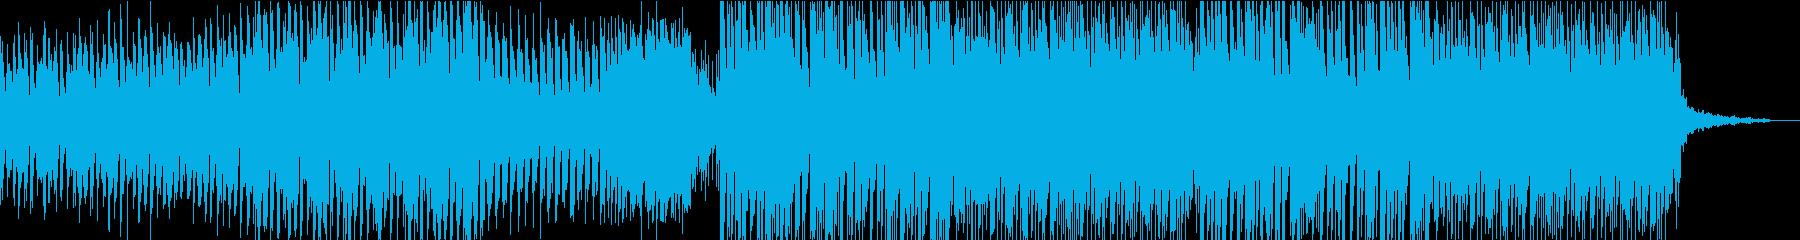 近未来的な映像に合うフューチャーハウスの再生済みの波形